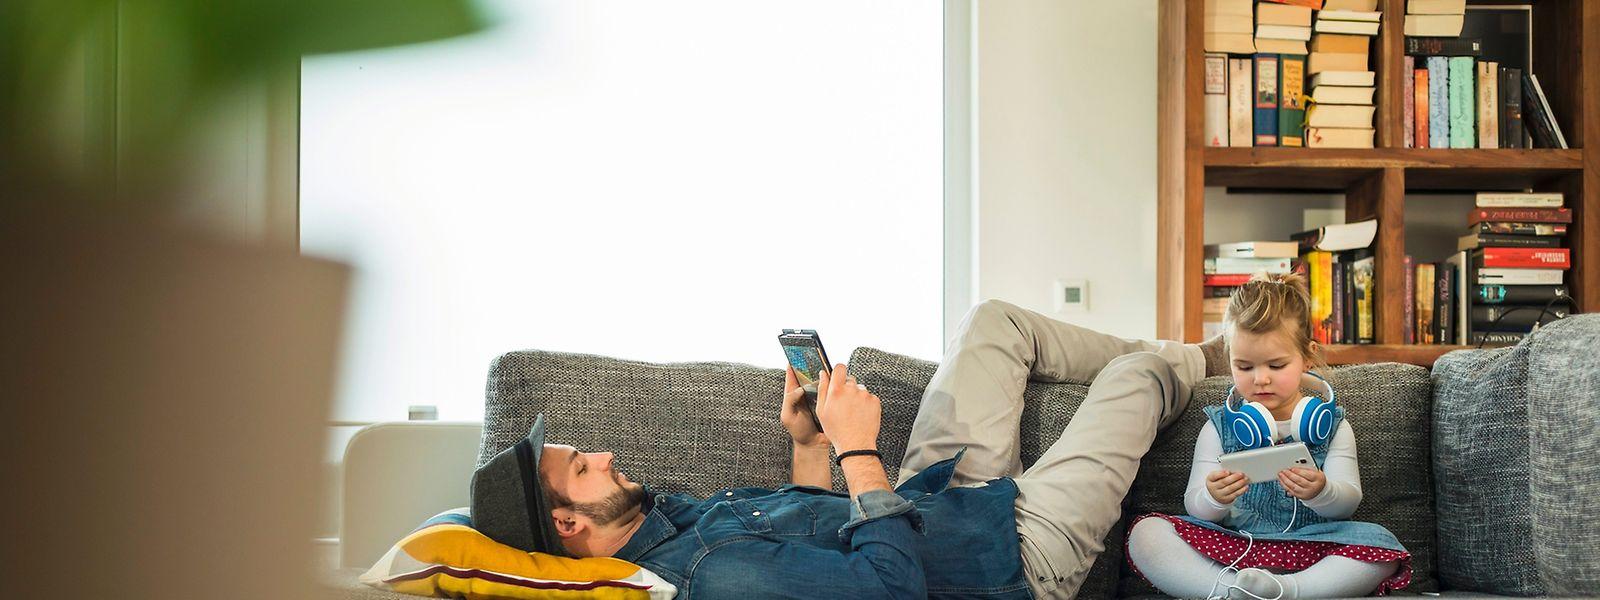 Filme und Musik kommen übers WLAN auf Tablet oder Smartphone. Den Medienserver in Gestalt eines Routers, NAS-Gerätes oder ausrangierten PCs kann man ins Arbeitszimmer oder den Flur verbannen.